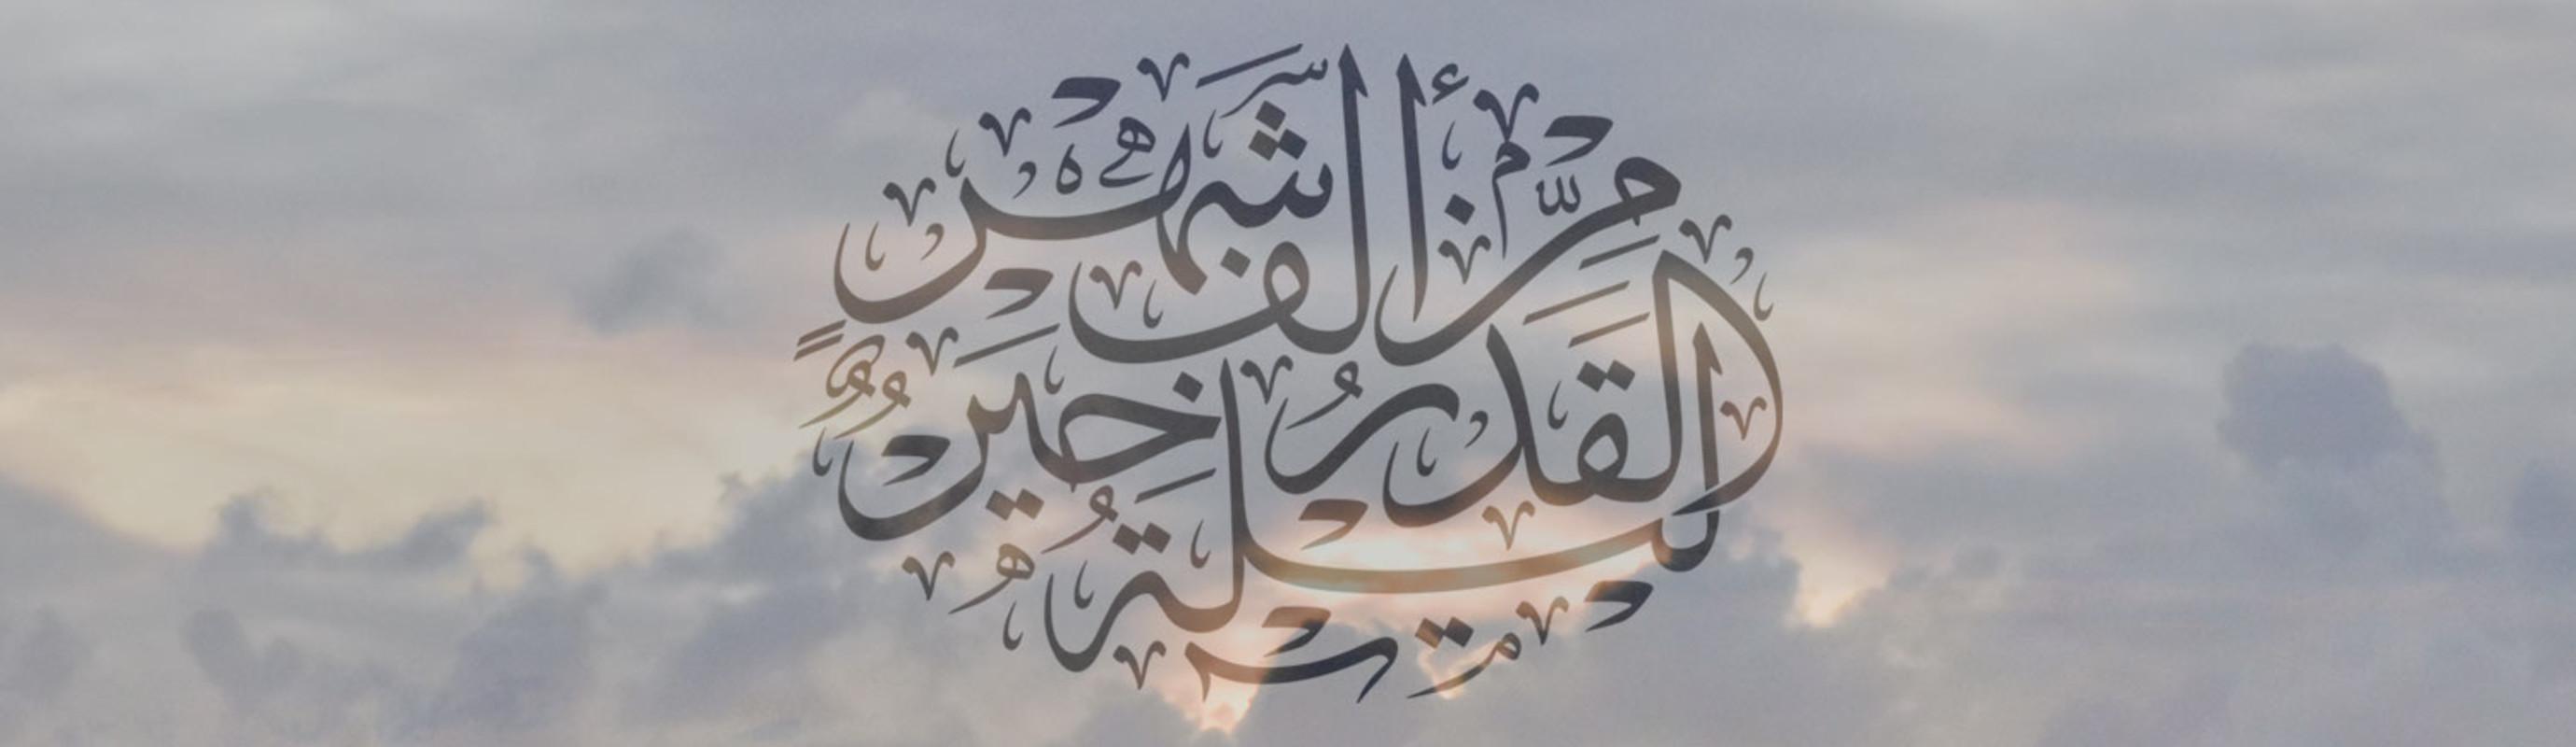 De  vooravond van 21 Ramadhan, een mogelijke ´Laylat al-Qadr´, opname van het programma door Seyedzyaoddin Salehi Khansari.